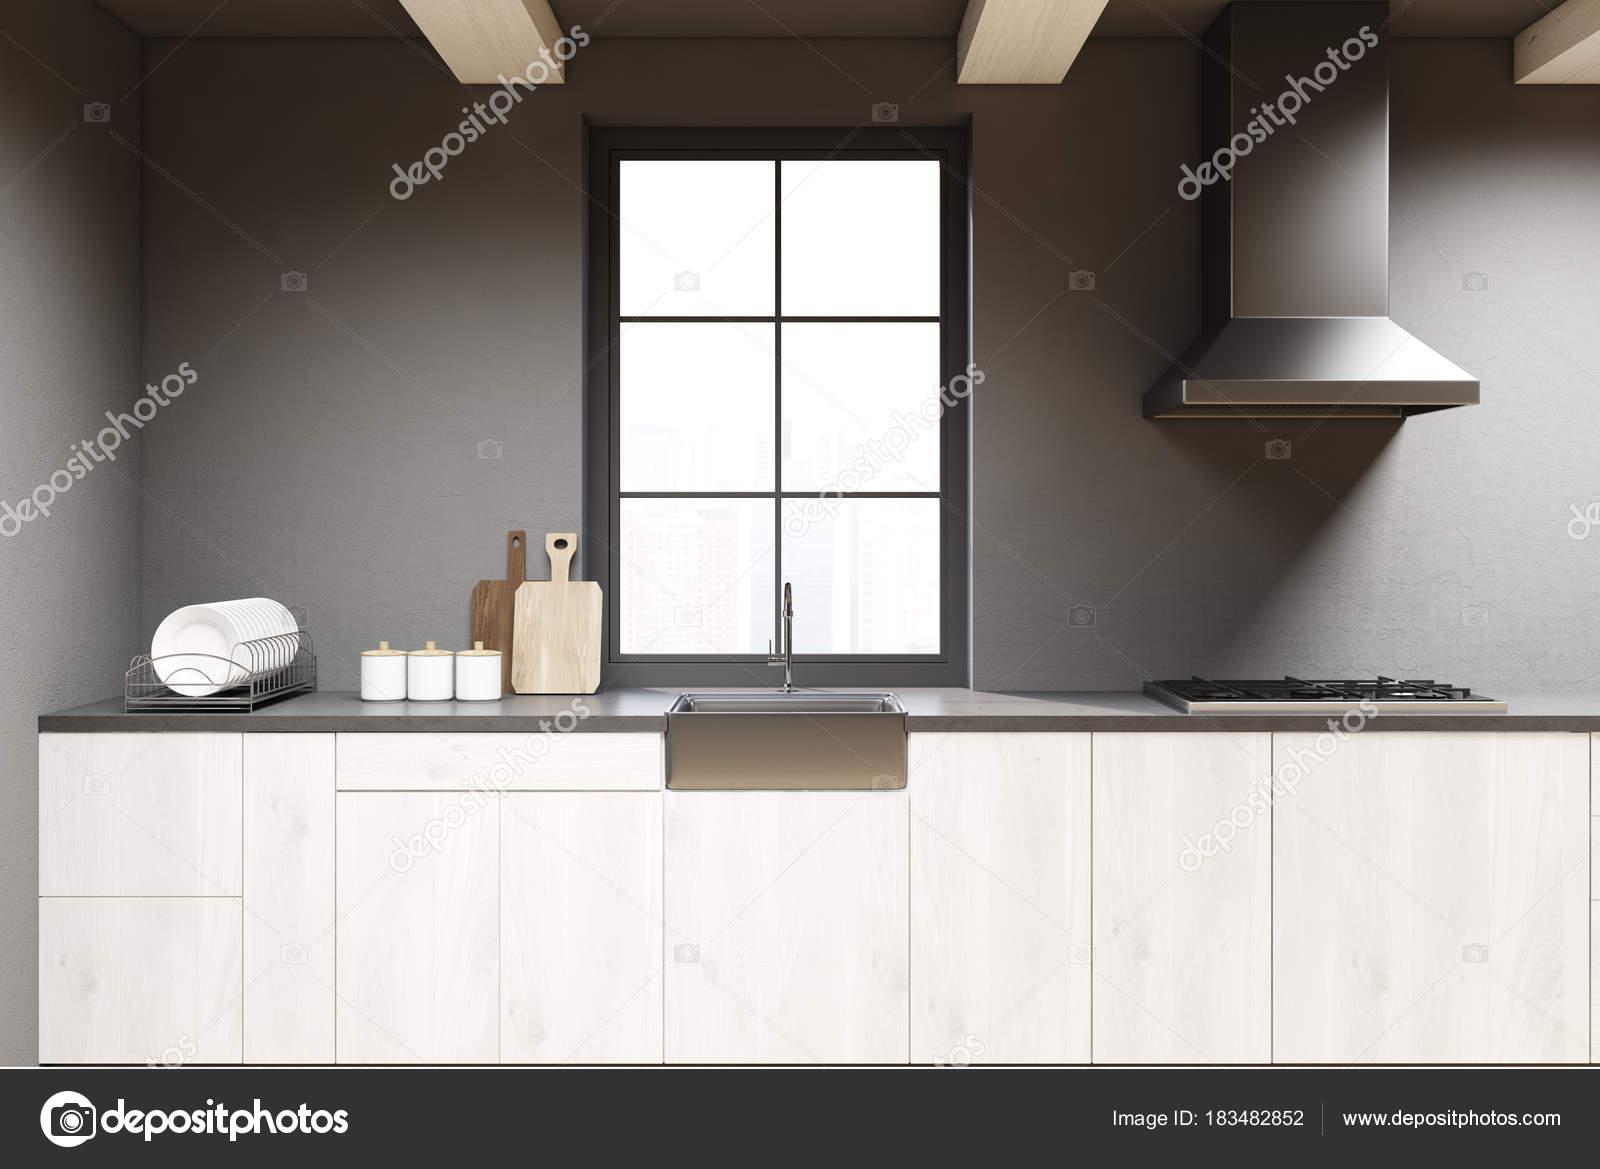 kuche grau mit holz arbeitsplatte. Black Bedroom Furniture Sets. Home Design Ideas